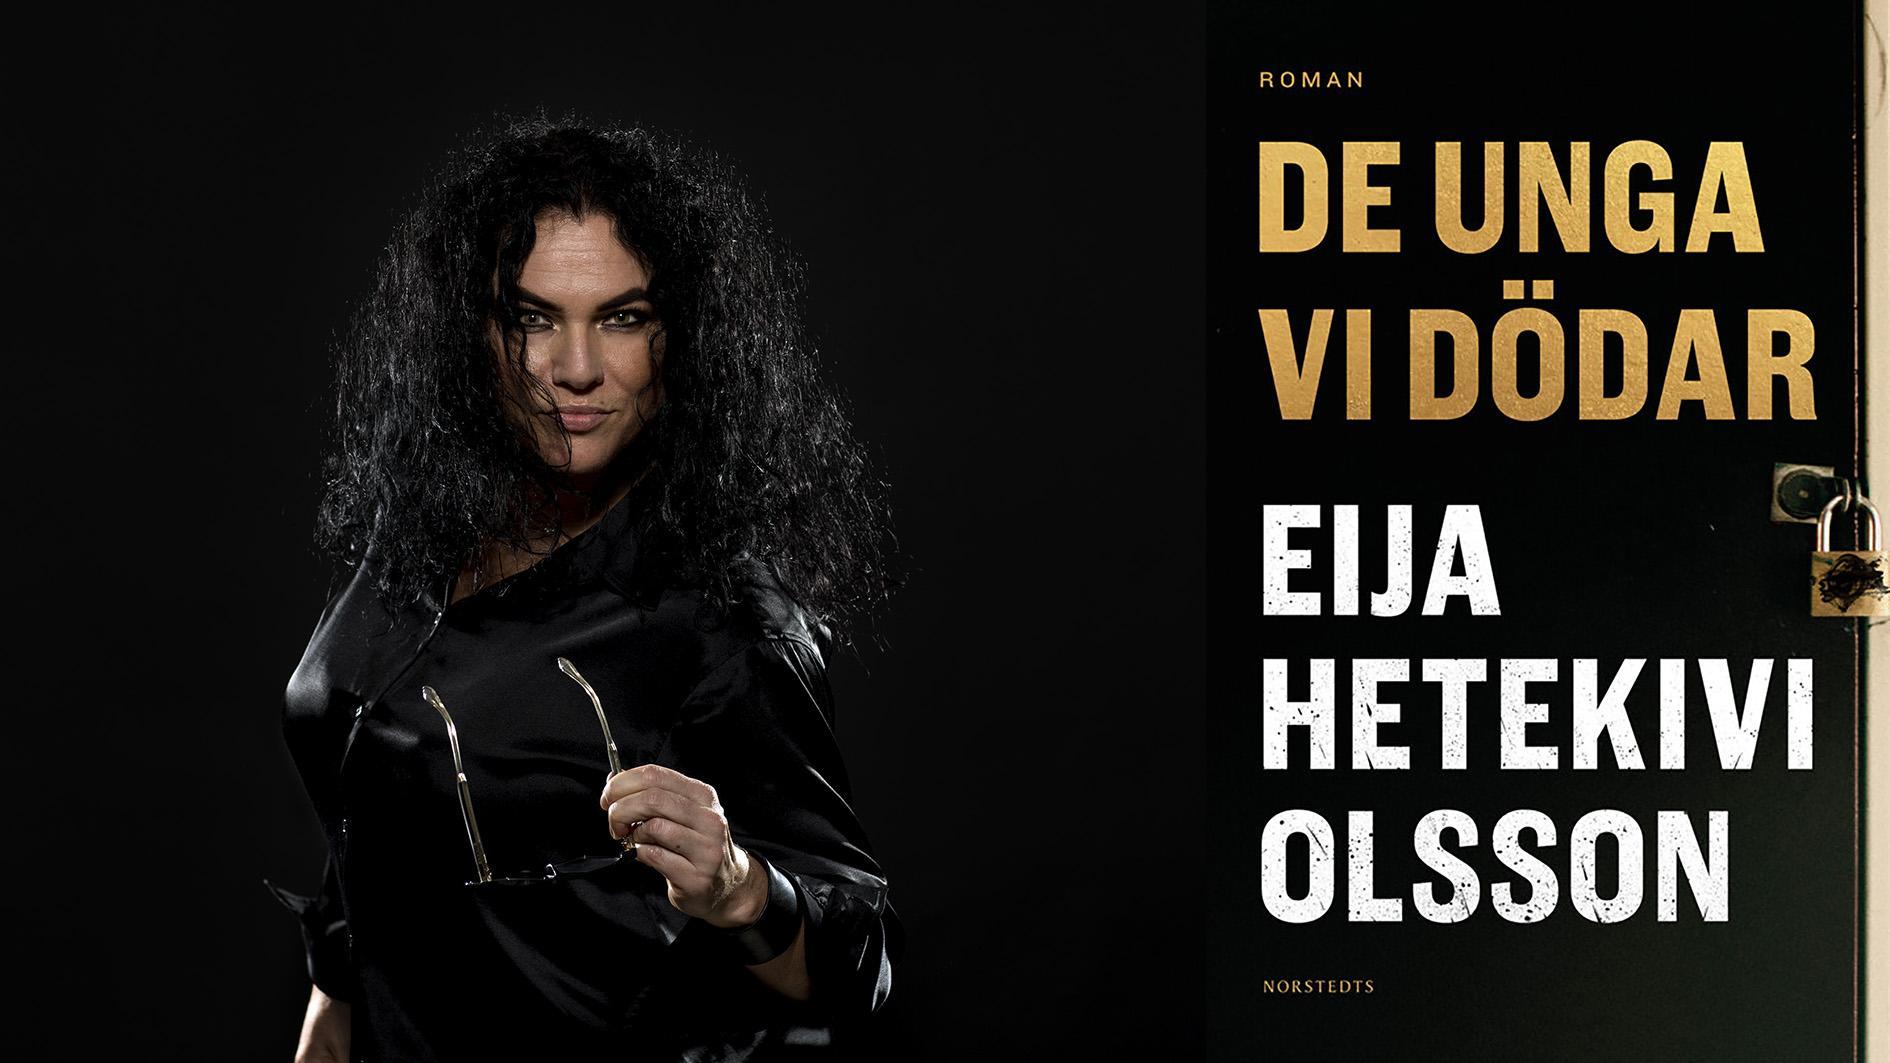 """Eija Hetekivi Olsson (född 1973) utkommer med den tredje och avslutande romanen om Miira, """"De unga vi dödar"""". Hon tilldelades 2016 Aftonbladets litteraturpris."""